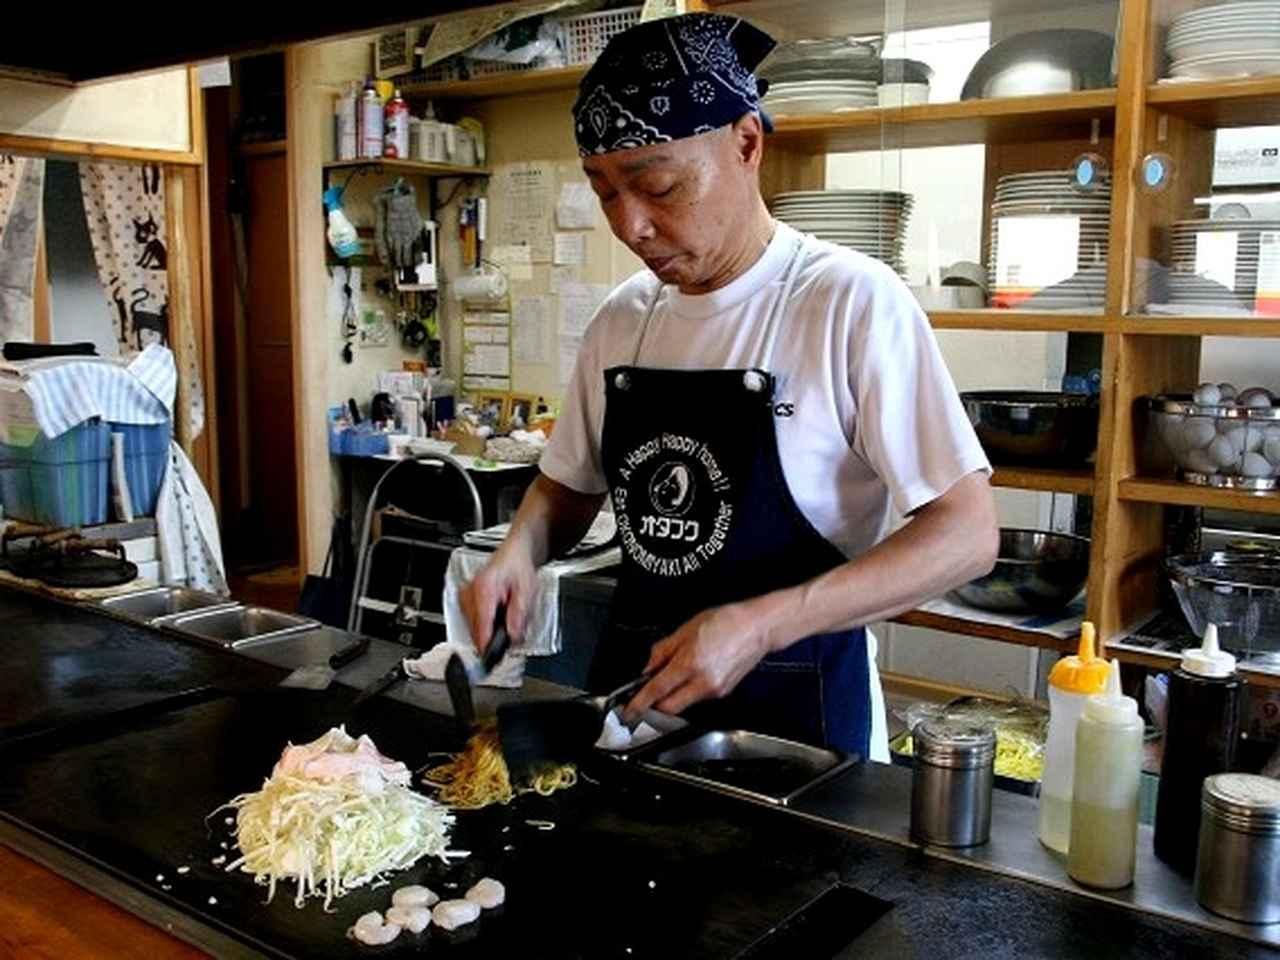 画像: さっそく広島風お好み焼きを作って頂きましょう。 オーダーしたのは「ミックス そば」。